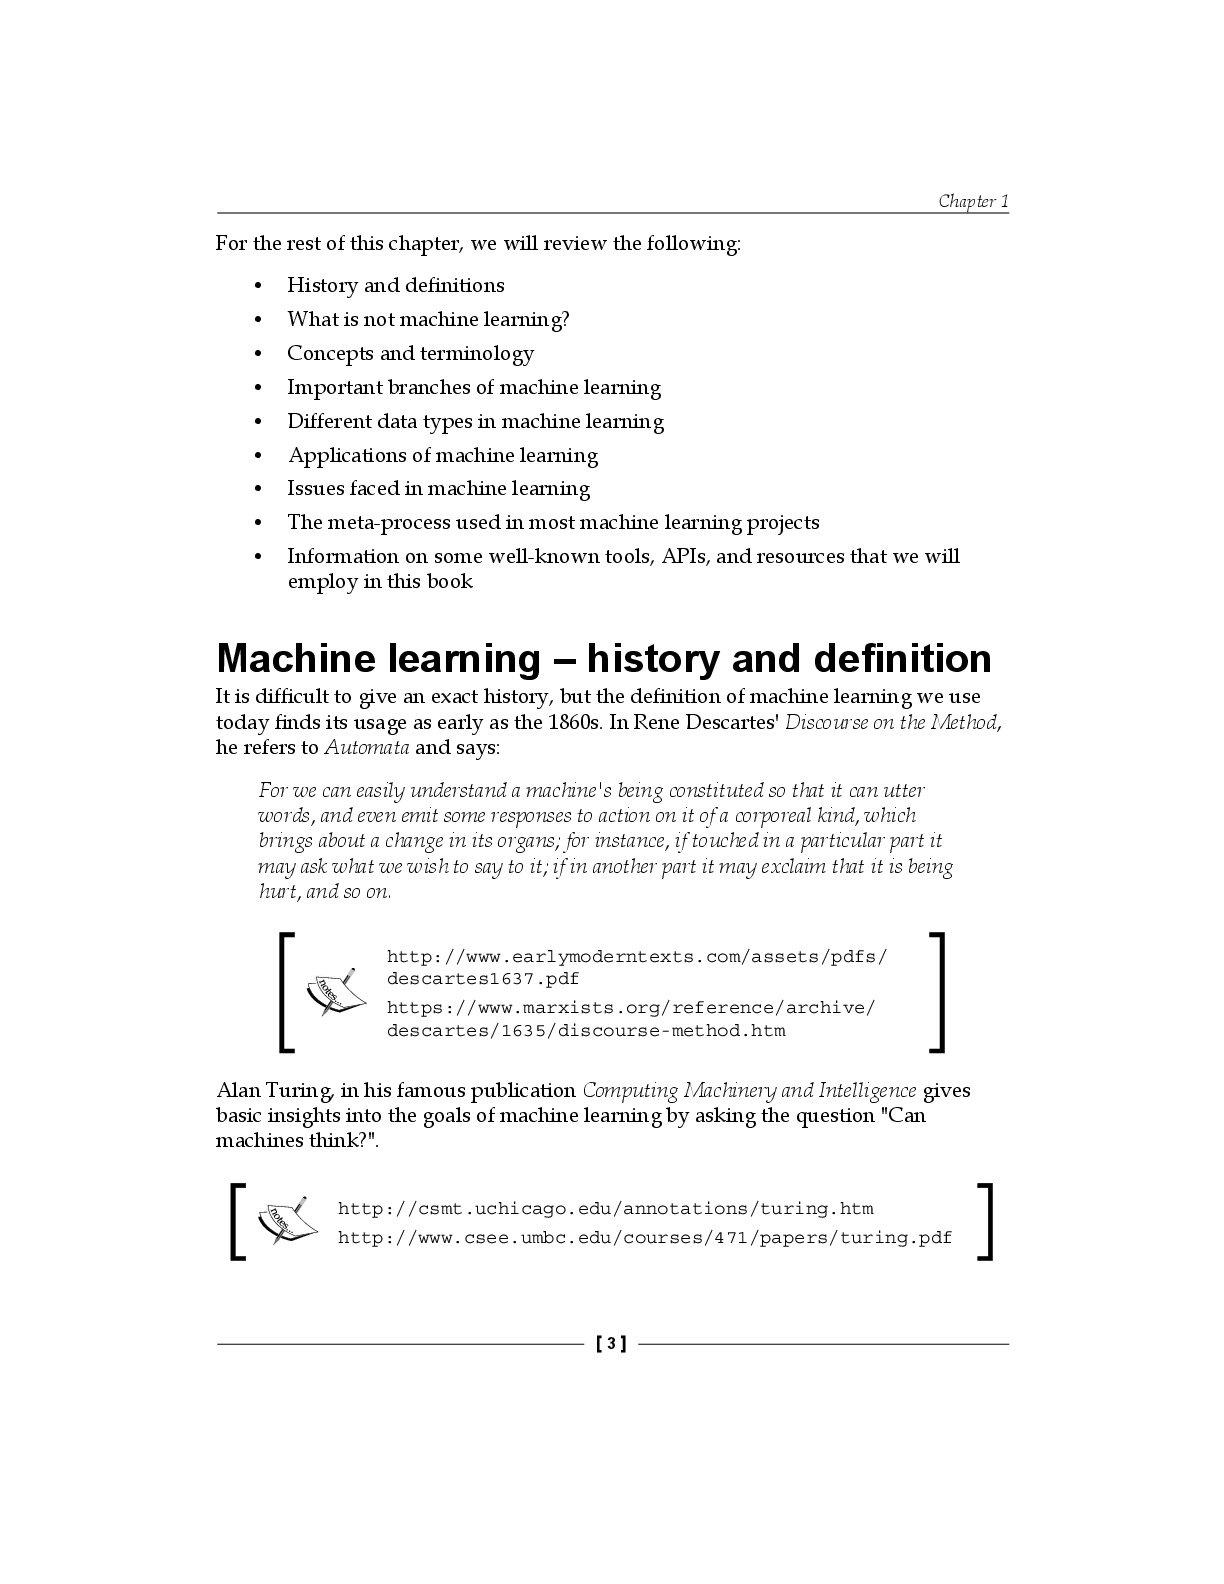 天瓏網路書店 | Mastering Java Machine Learning